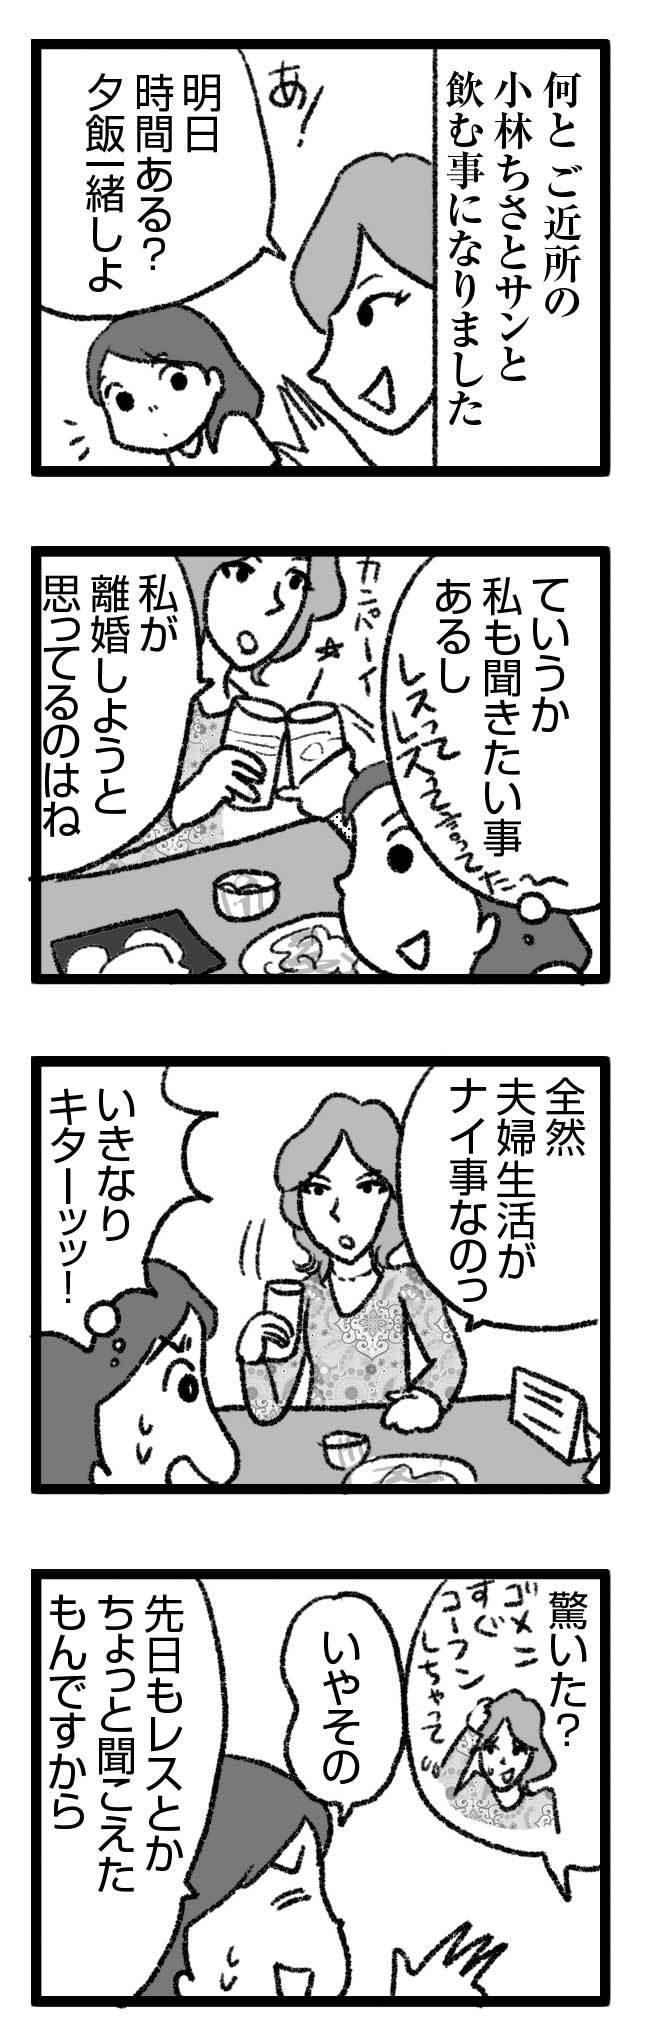 581 近所のレス友 1 1_1 結婚 離婚 別居 別居中 レス あるある 友達 話 辛い 漫画 まんが マンガ